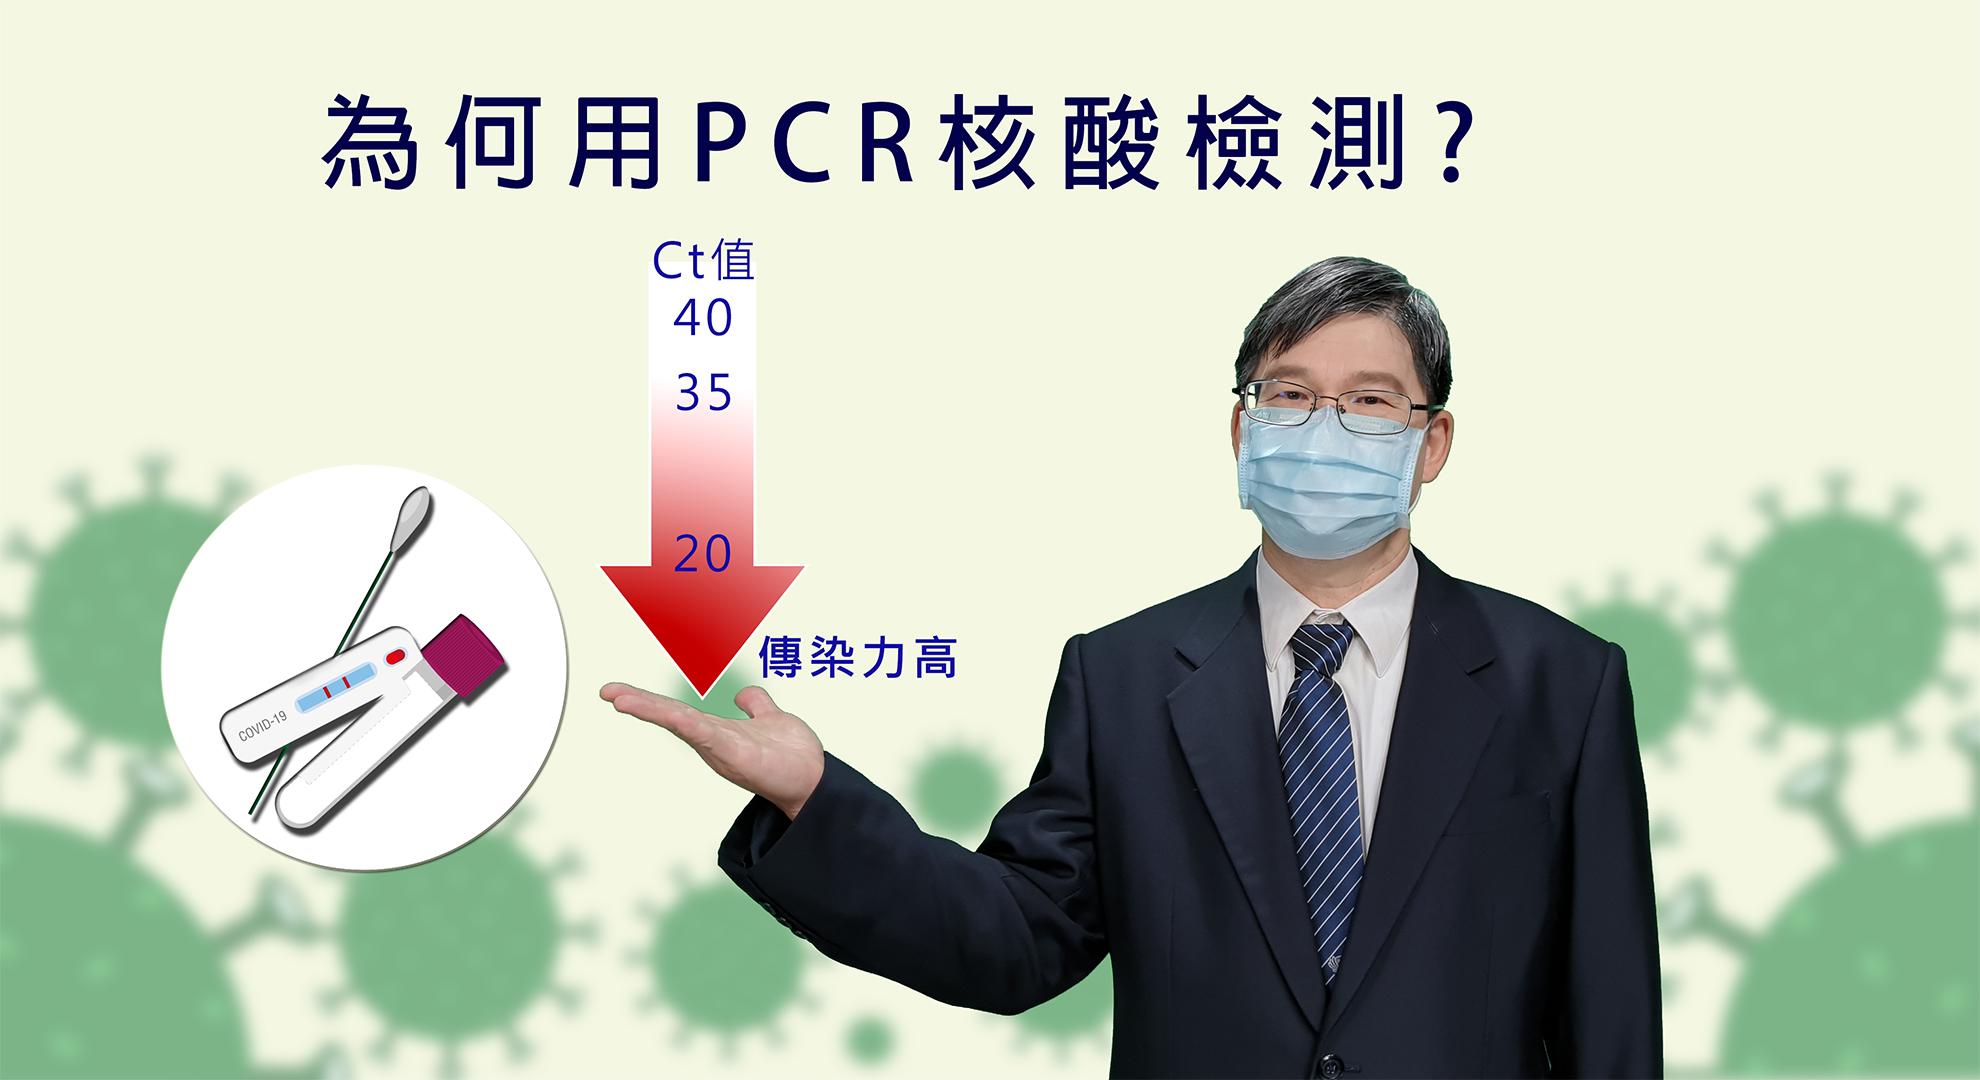 當Ct值低時,代表PCR循環次數少即可偵測到,表示患者的病毒數量高。